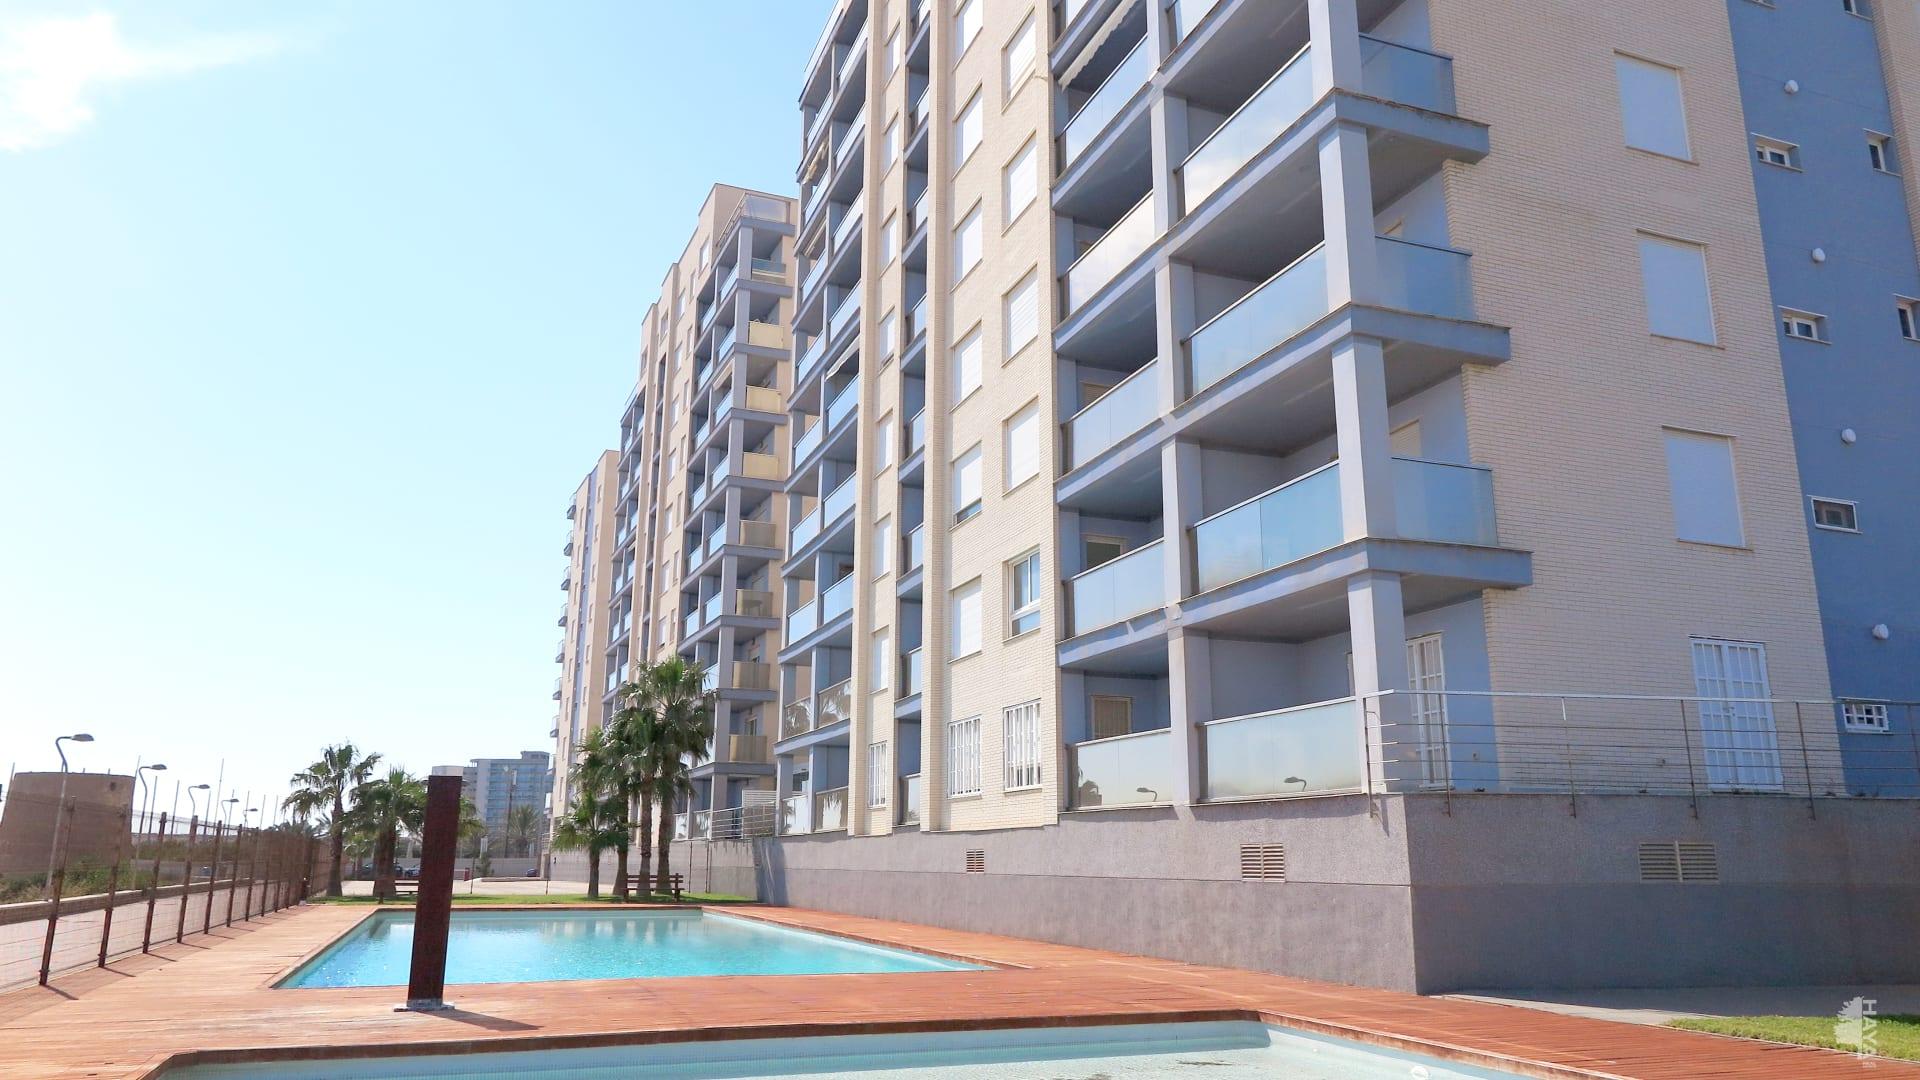 Piso en venta en San Javier, Murcia, Calle Prolongación Pol F. Conj Resid. Veneziola Golf Ii, 144.000 €, 3 habitaciones, 2 baños, 77 m2